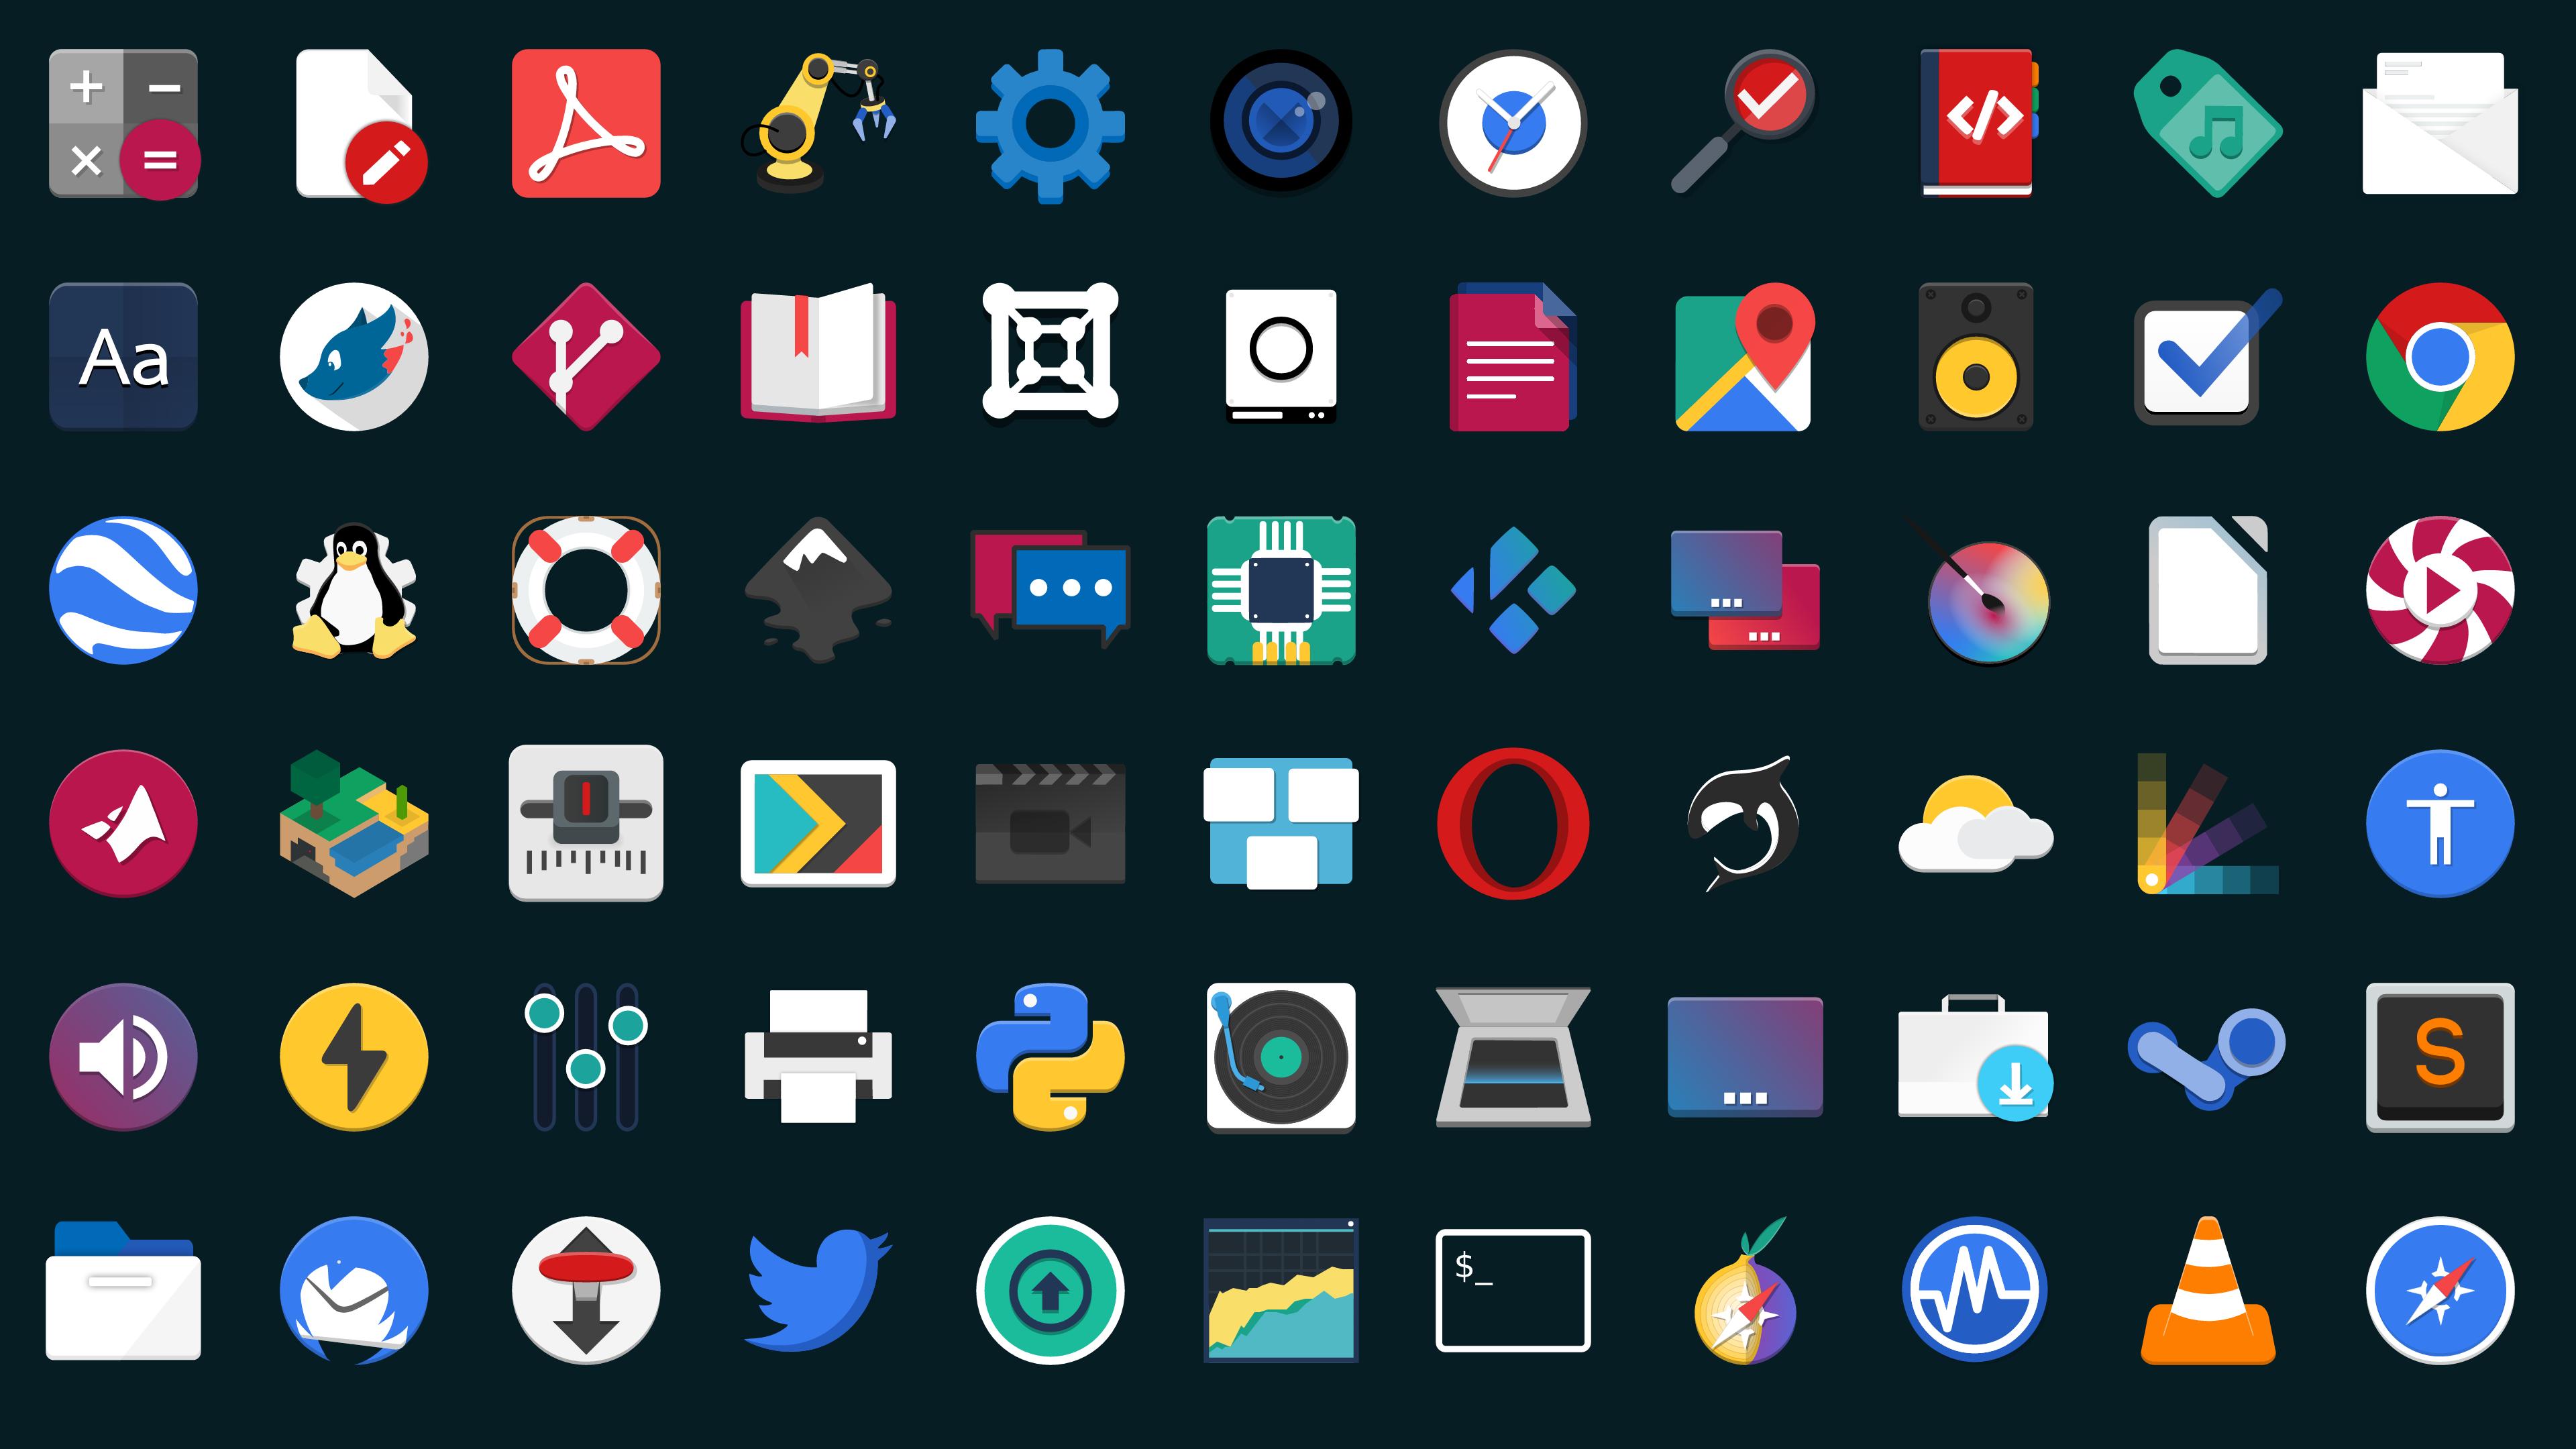 Flat Remix Icon Theme for Linux - OMG! Ubuntu!